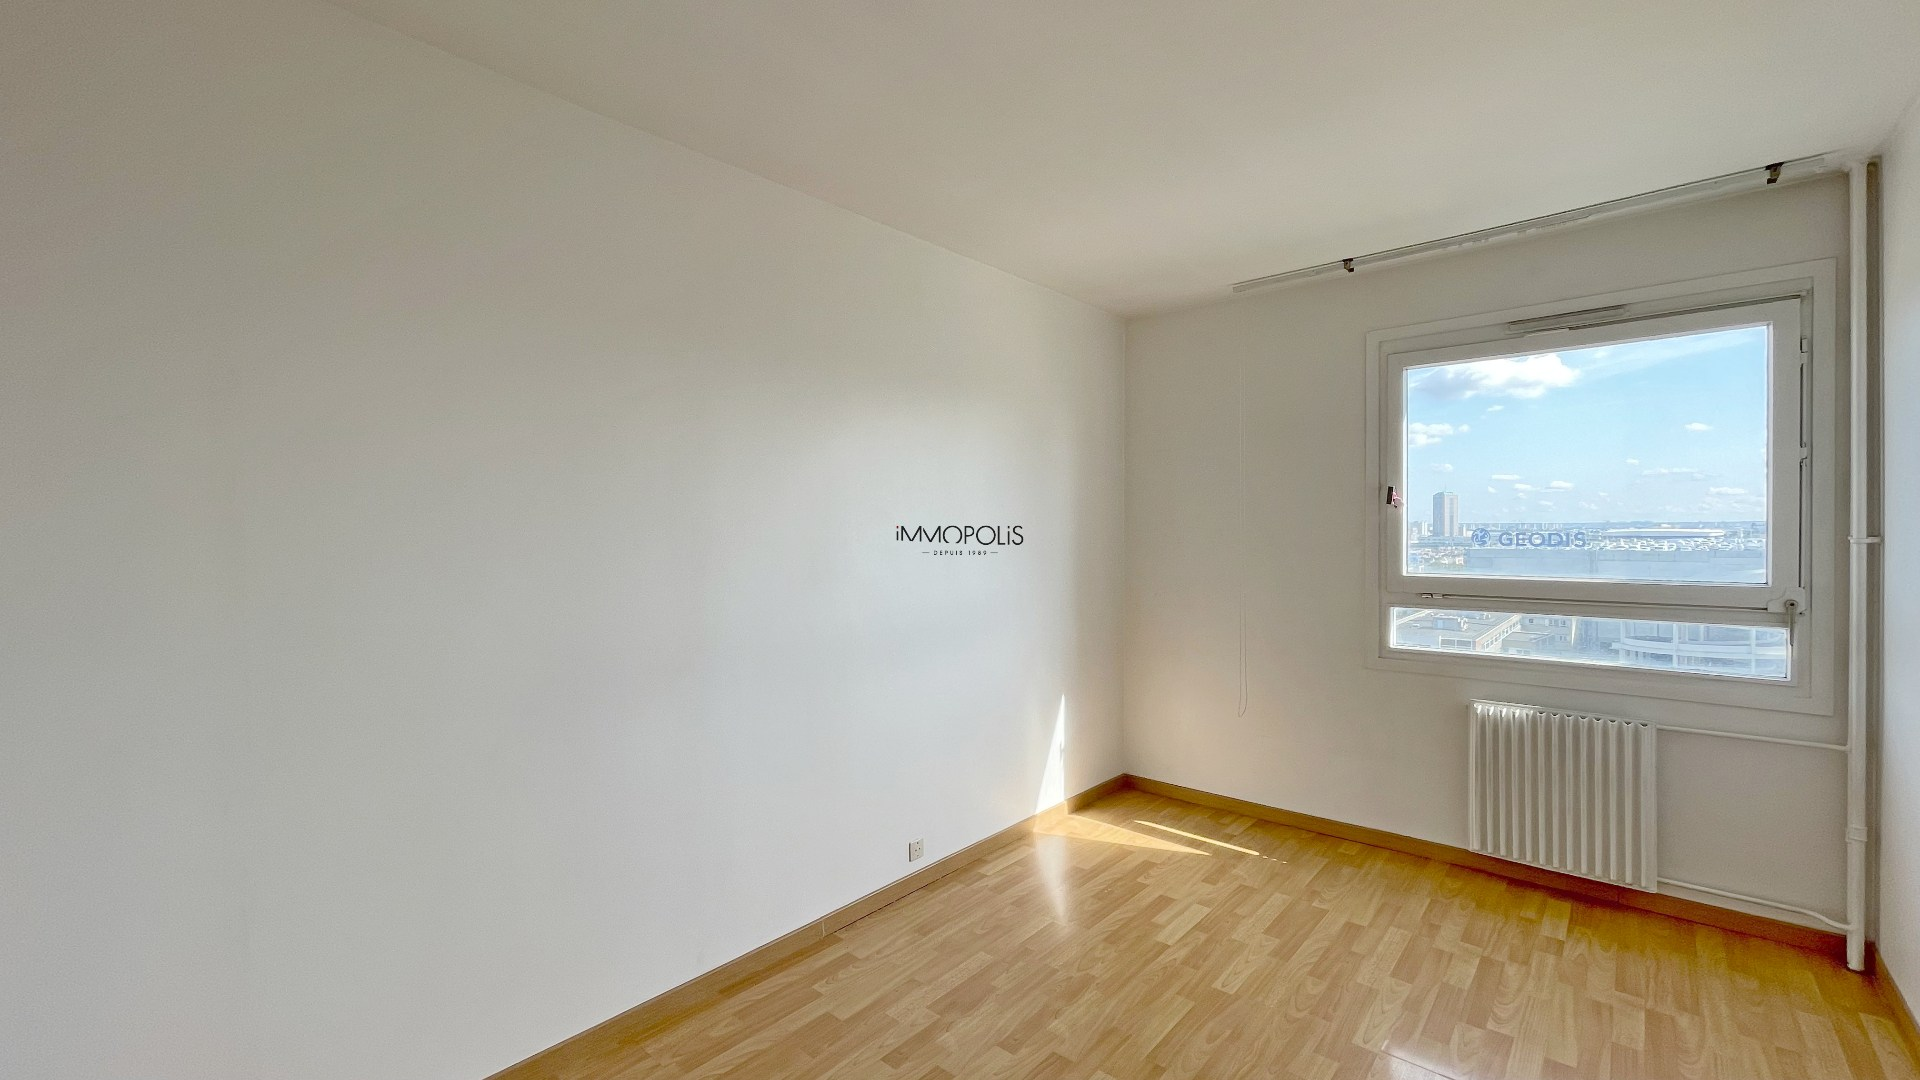 Appartement 3 pièces avec vue dégagée de 63.45m2 vendu avec un box ! 4